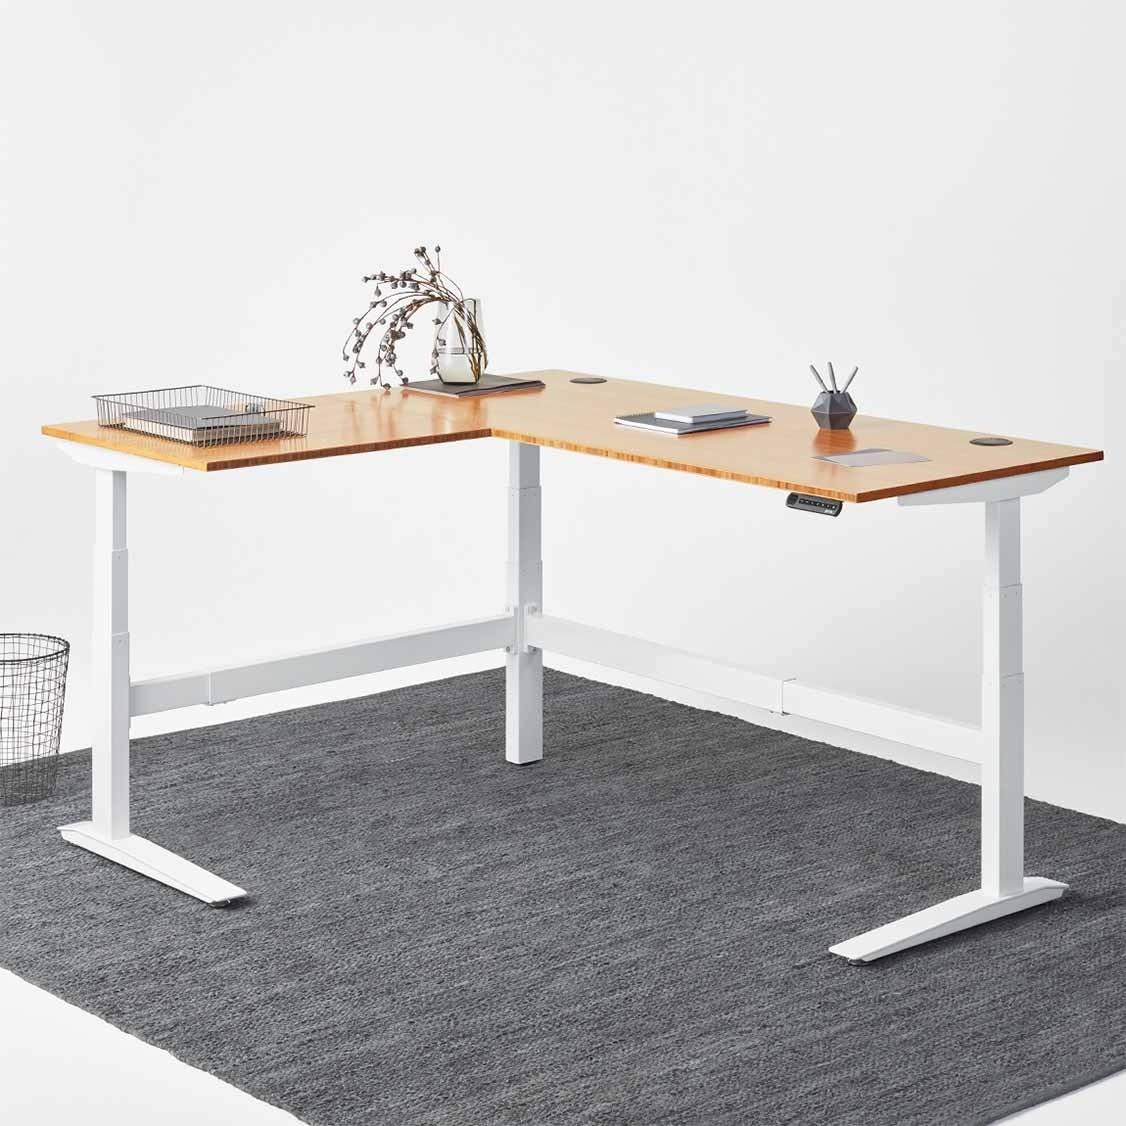 l shaped desk jarvis l-shaped bamboo standing desk ... KTSOCSF